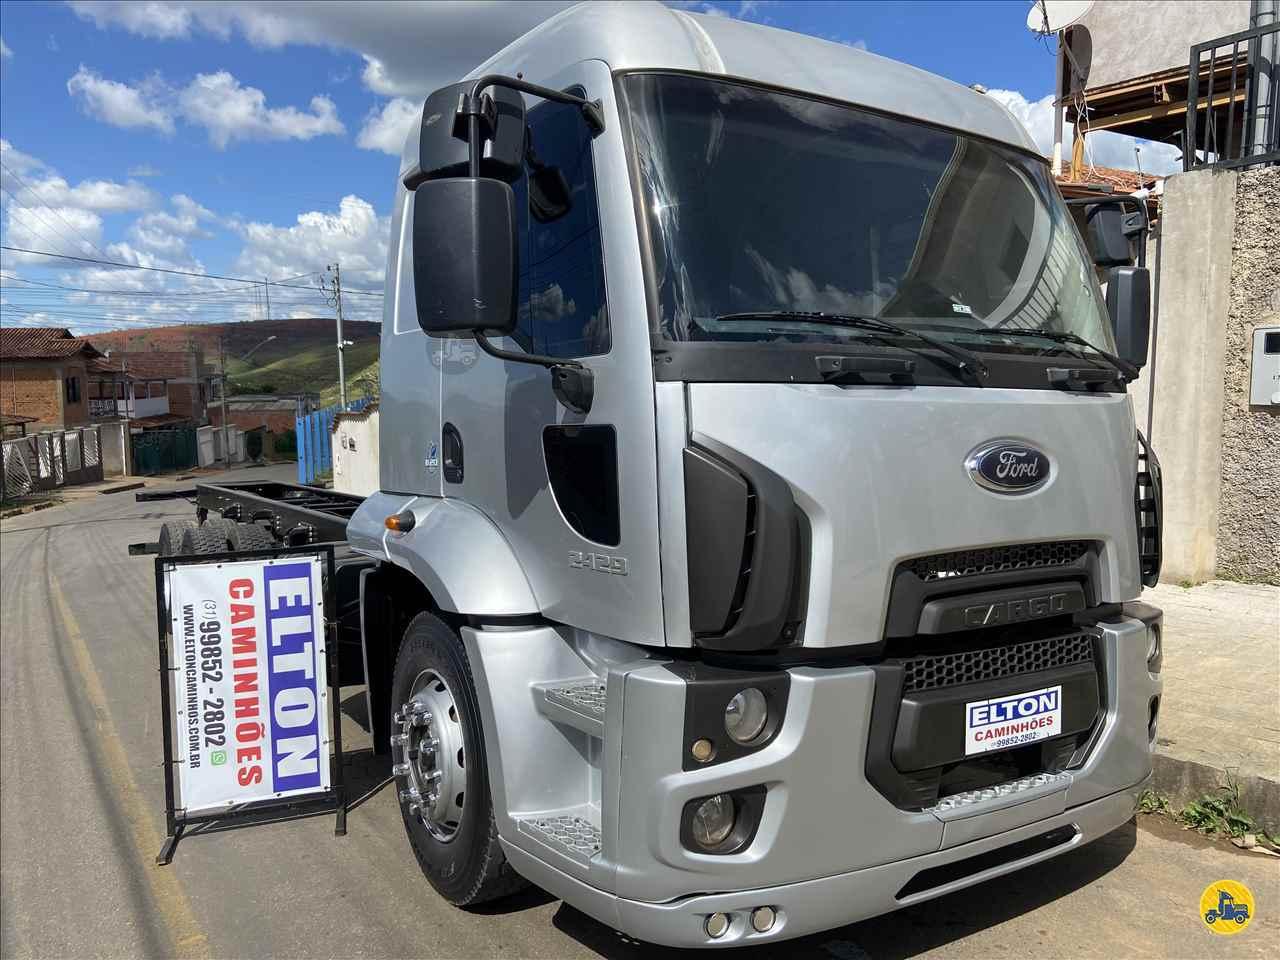 CAMINHAO FORD CARGO 2429 Chassis Truck 6x2 Elton Caminhões JOAO MONLEVADE MINAS GERAIS MG